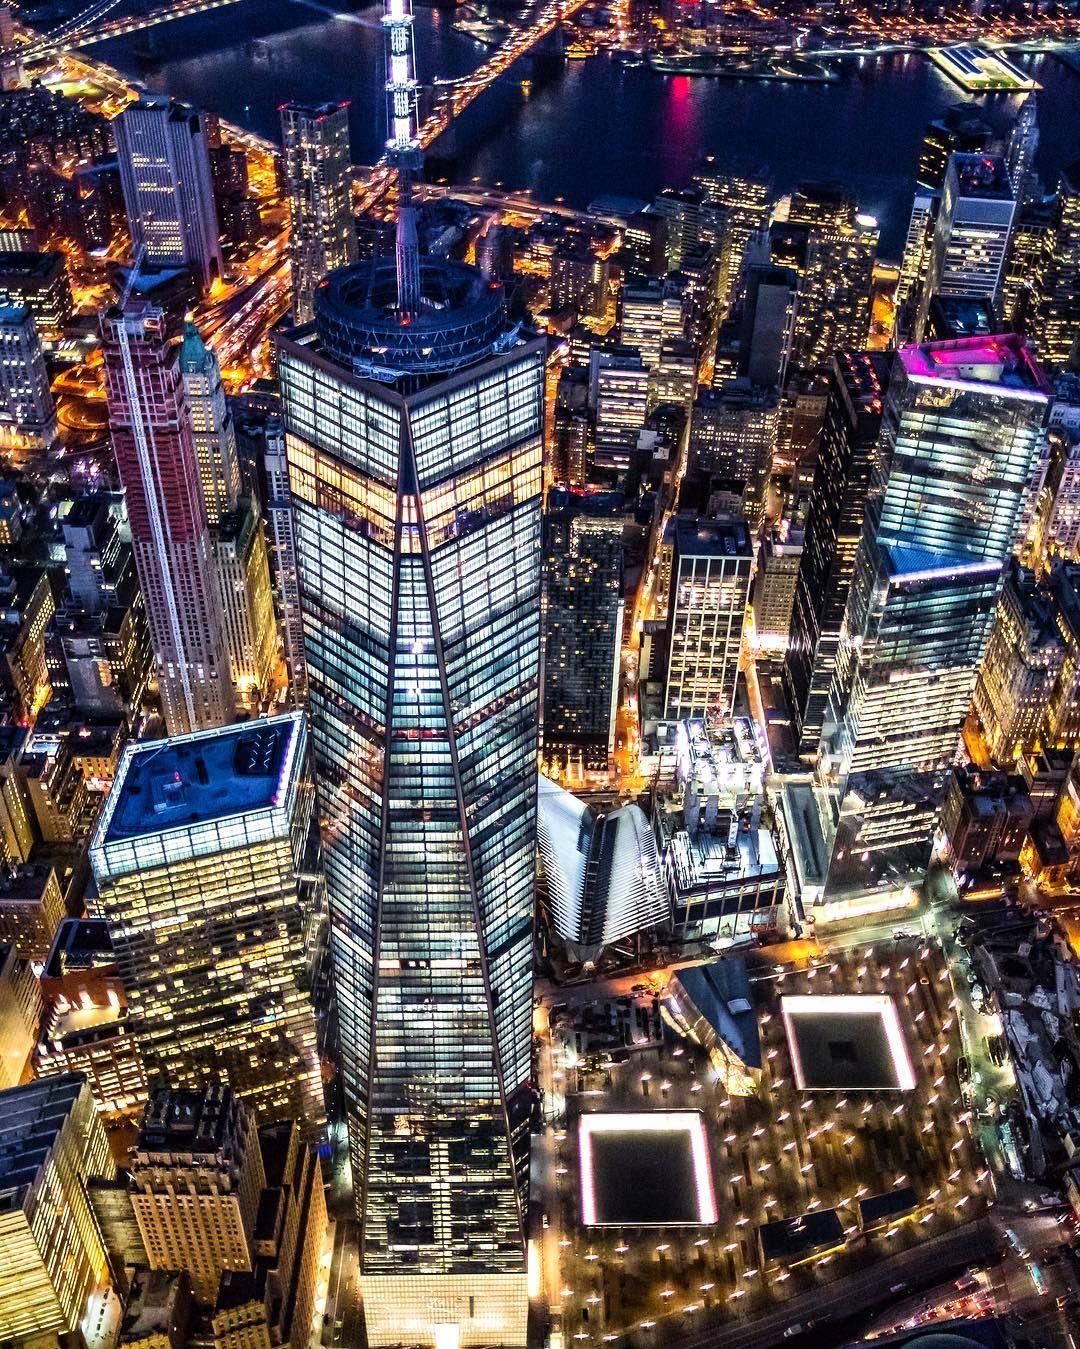 new york city feelings one world trade center by calderwilson